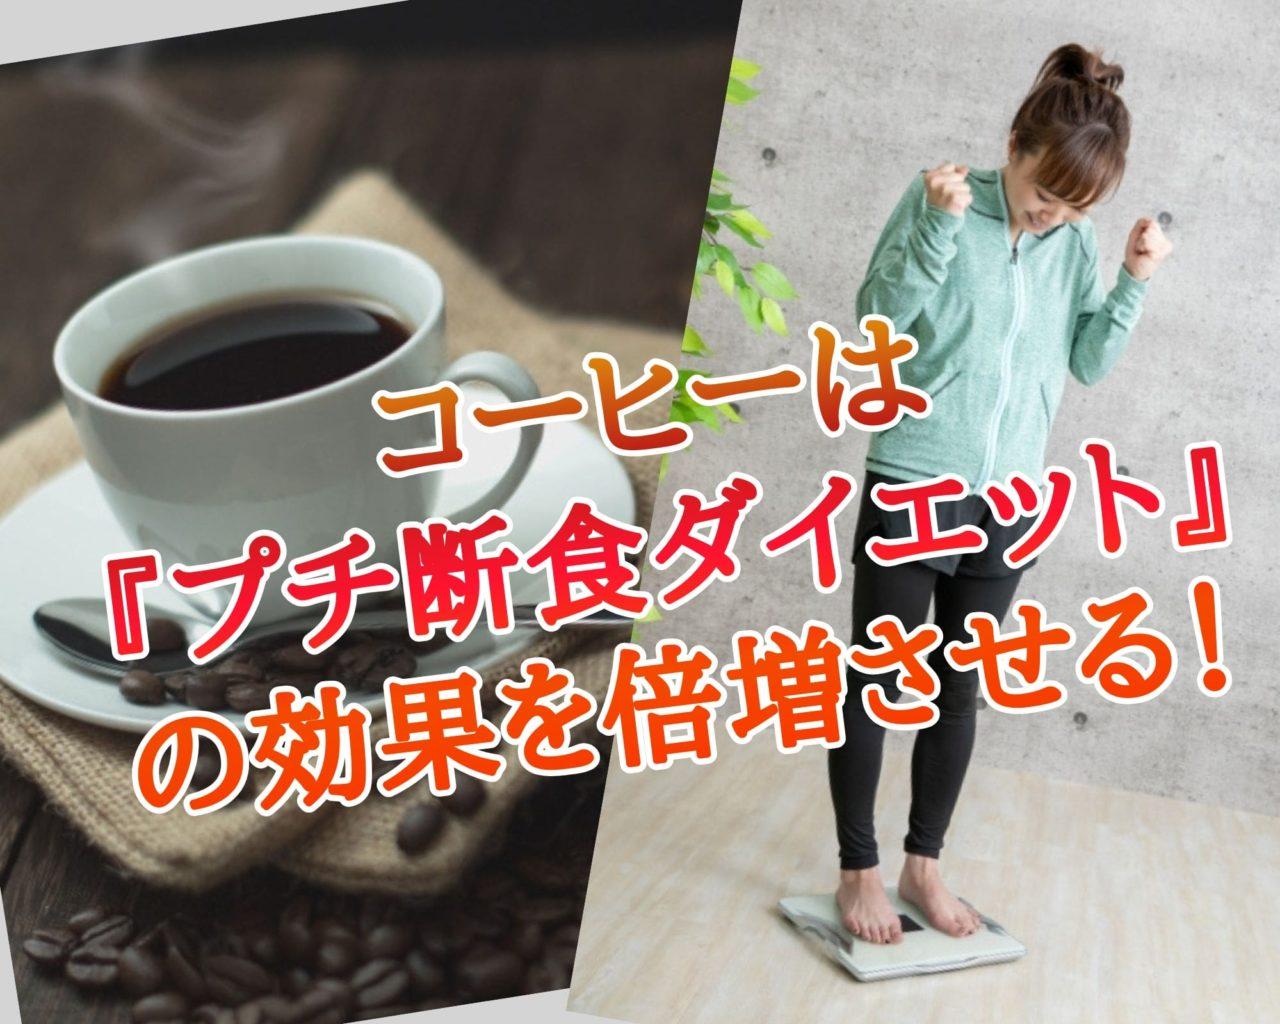 コーヒー プチ断食ダイエット 脂肪燃焼